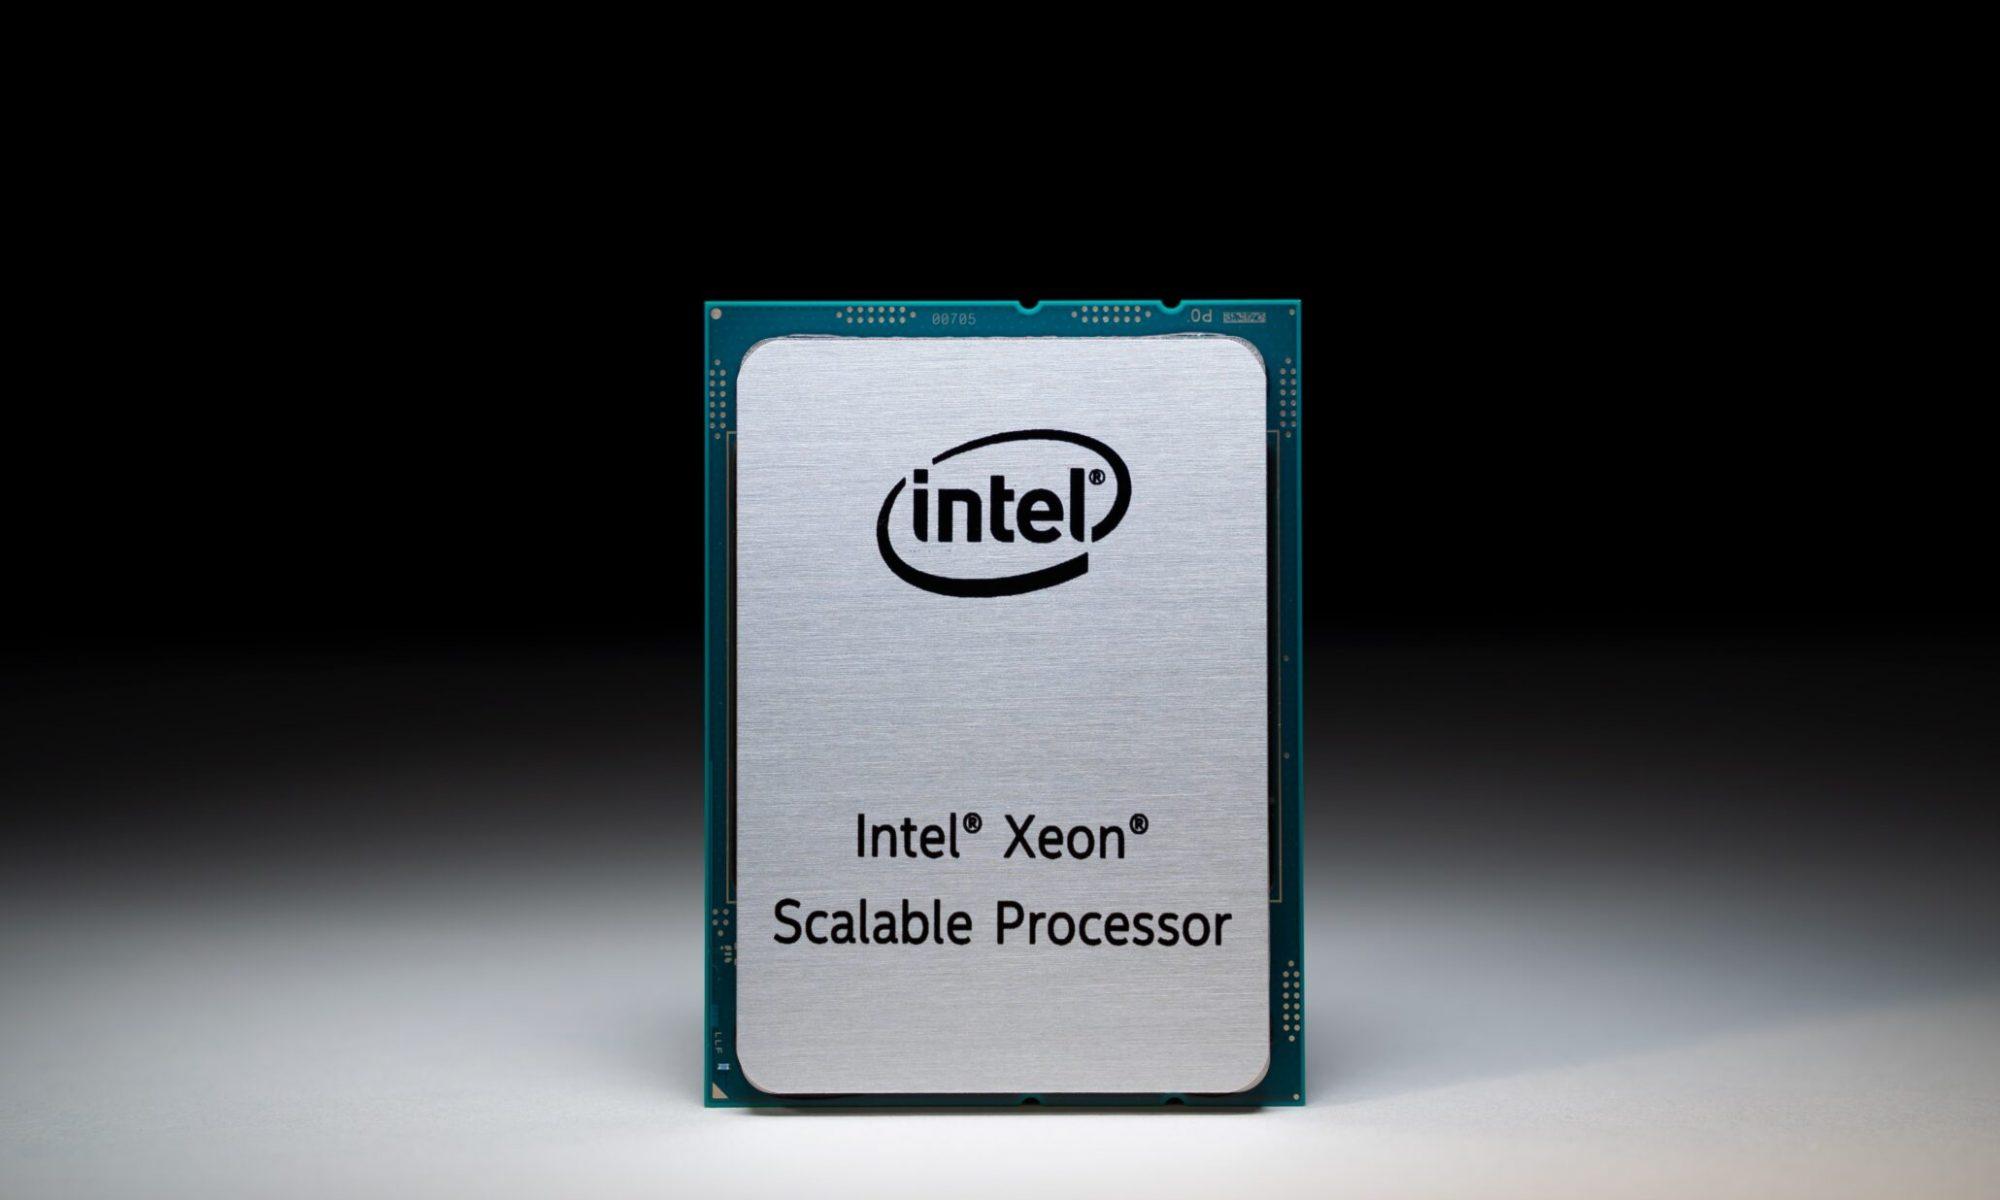 Intel Sapphire Rapids-SP Tile (Chiplet) Die Shot presuntamente detectado con 15 núcleos: hasta 60 SKU de núcleo posibles